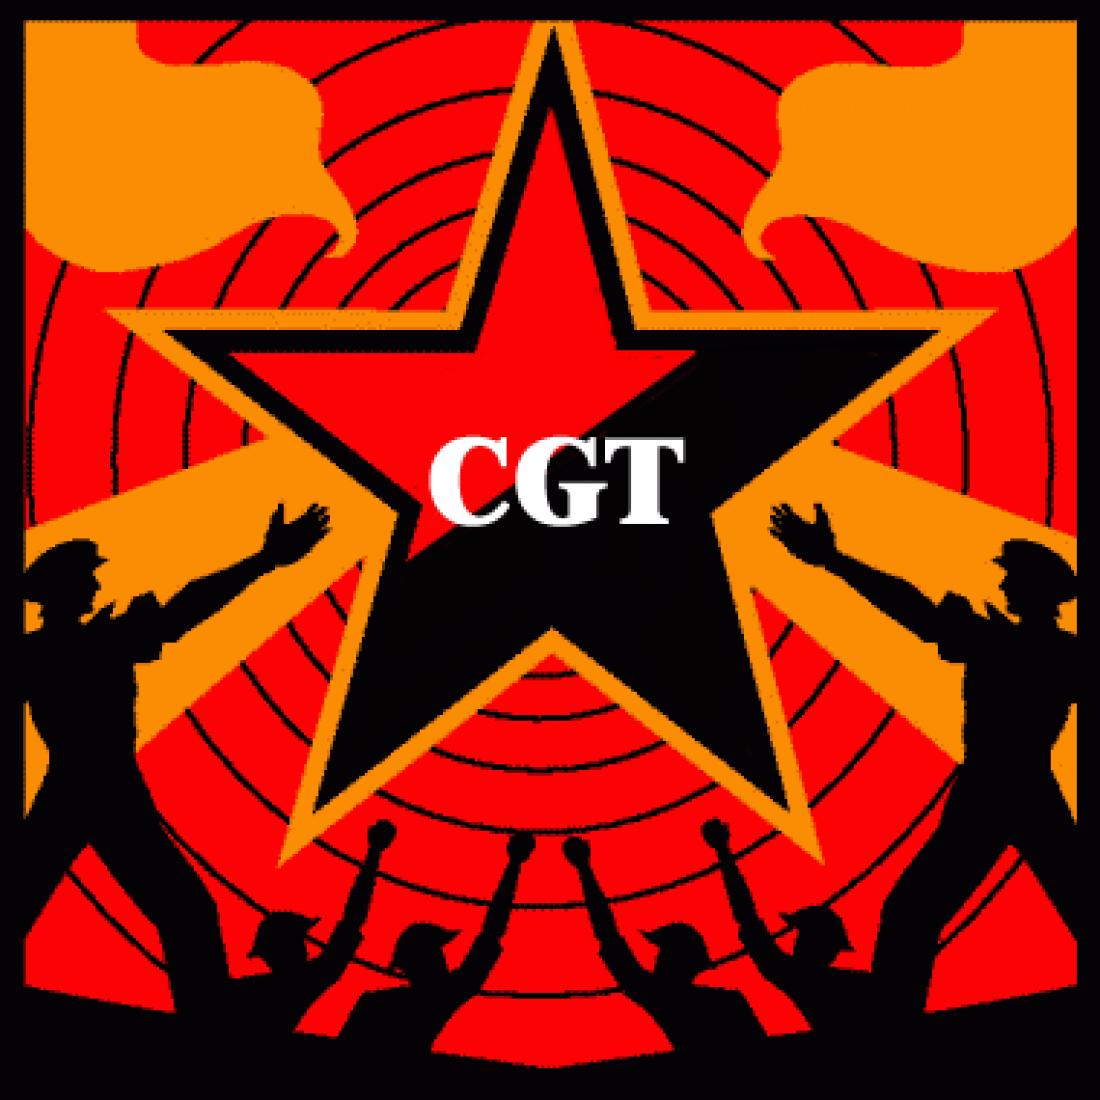 logo CGT-A acc soc